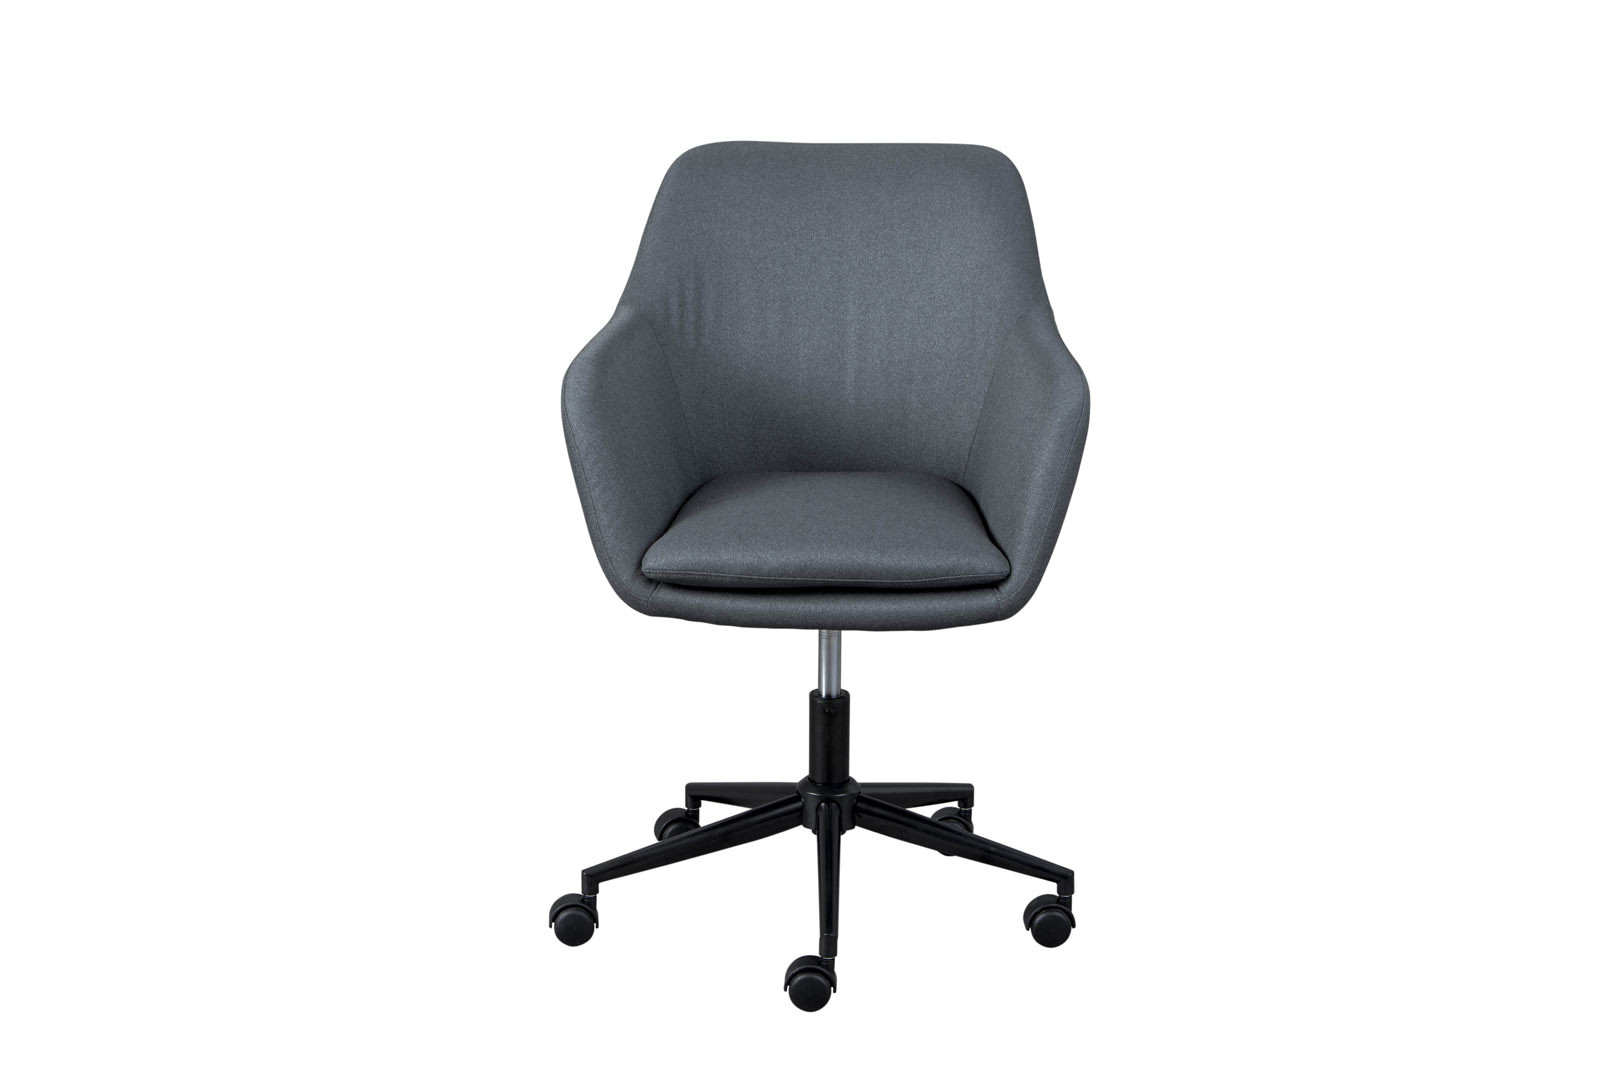 Chaise de bureau contemporaine en tissu Touraine